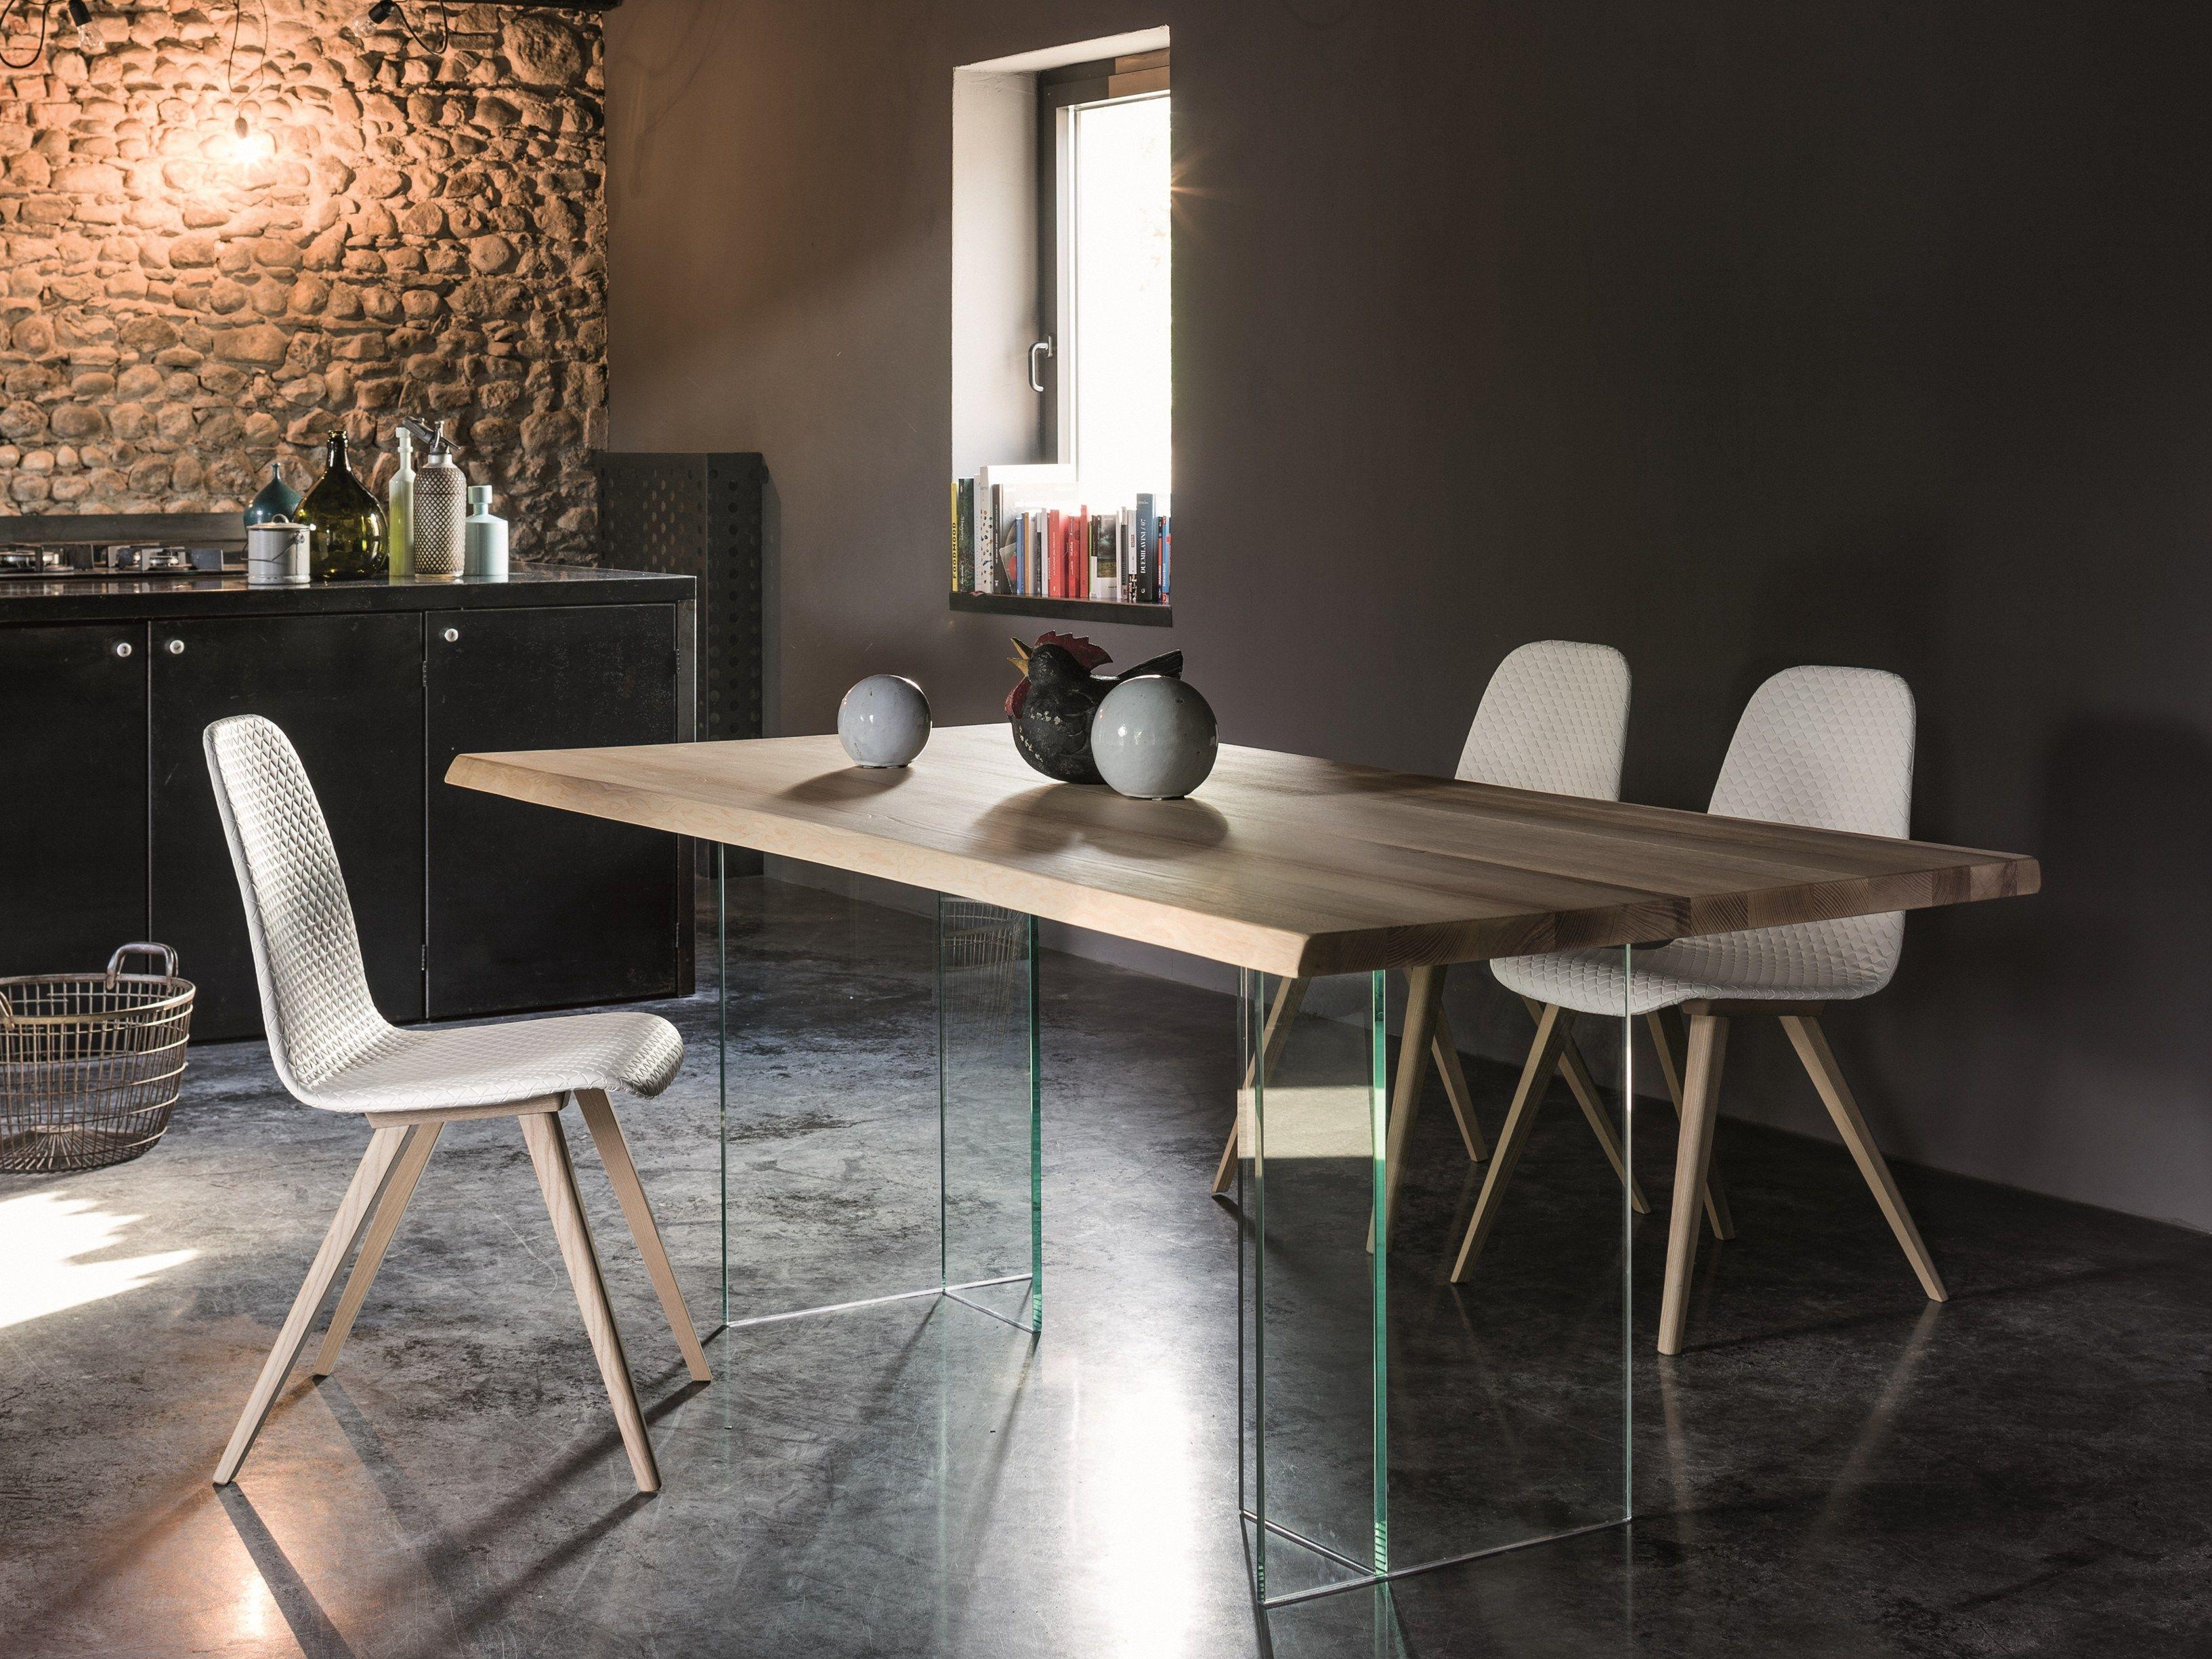 Tavolo rettangolare in legno e vetro BASILIO by Dall\'Agnese | Casa ...